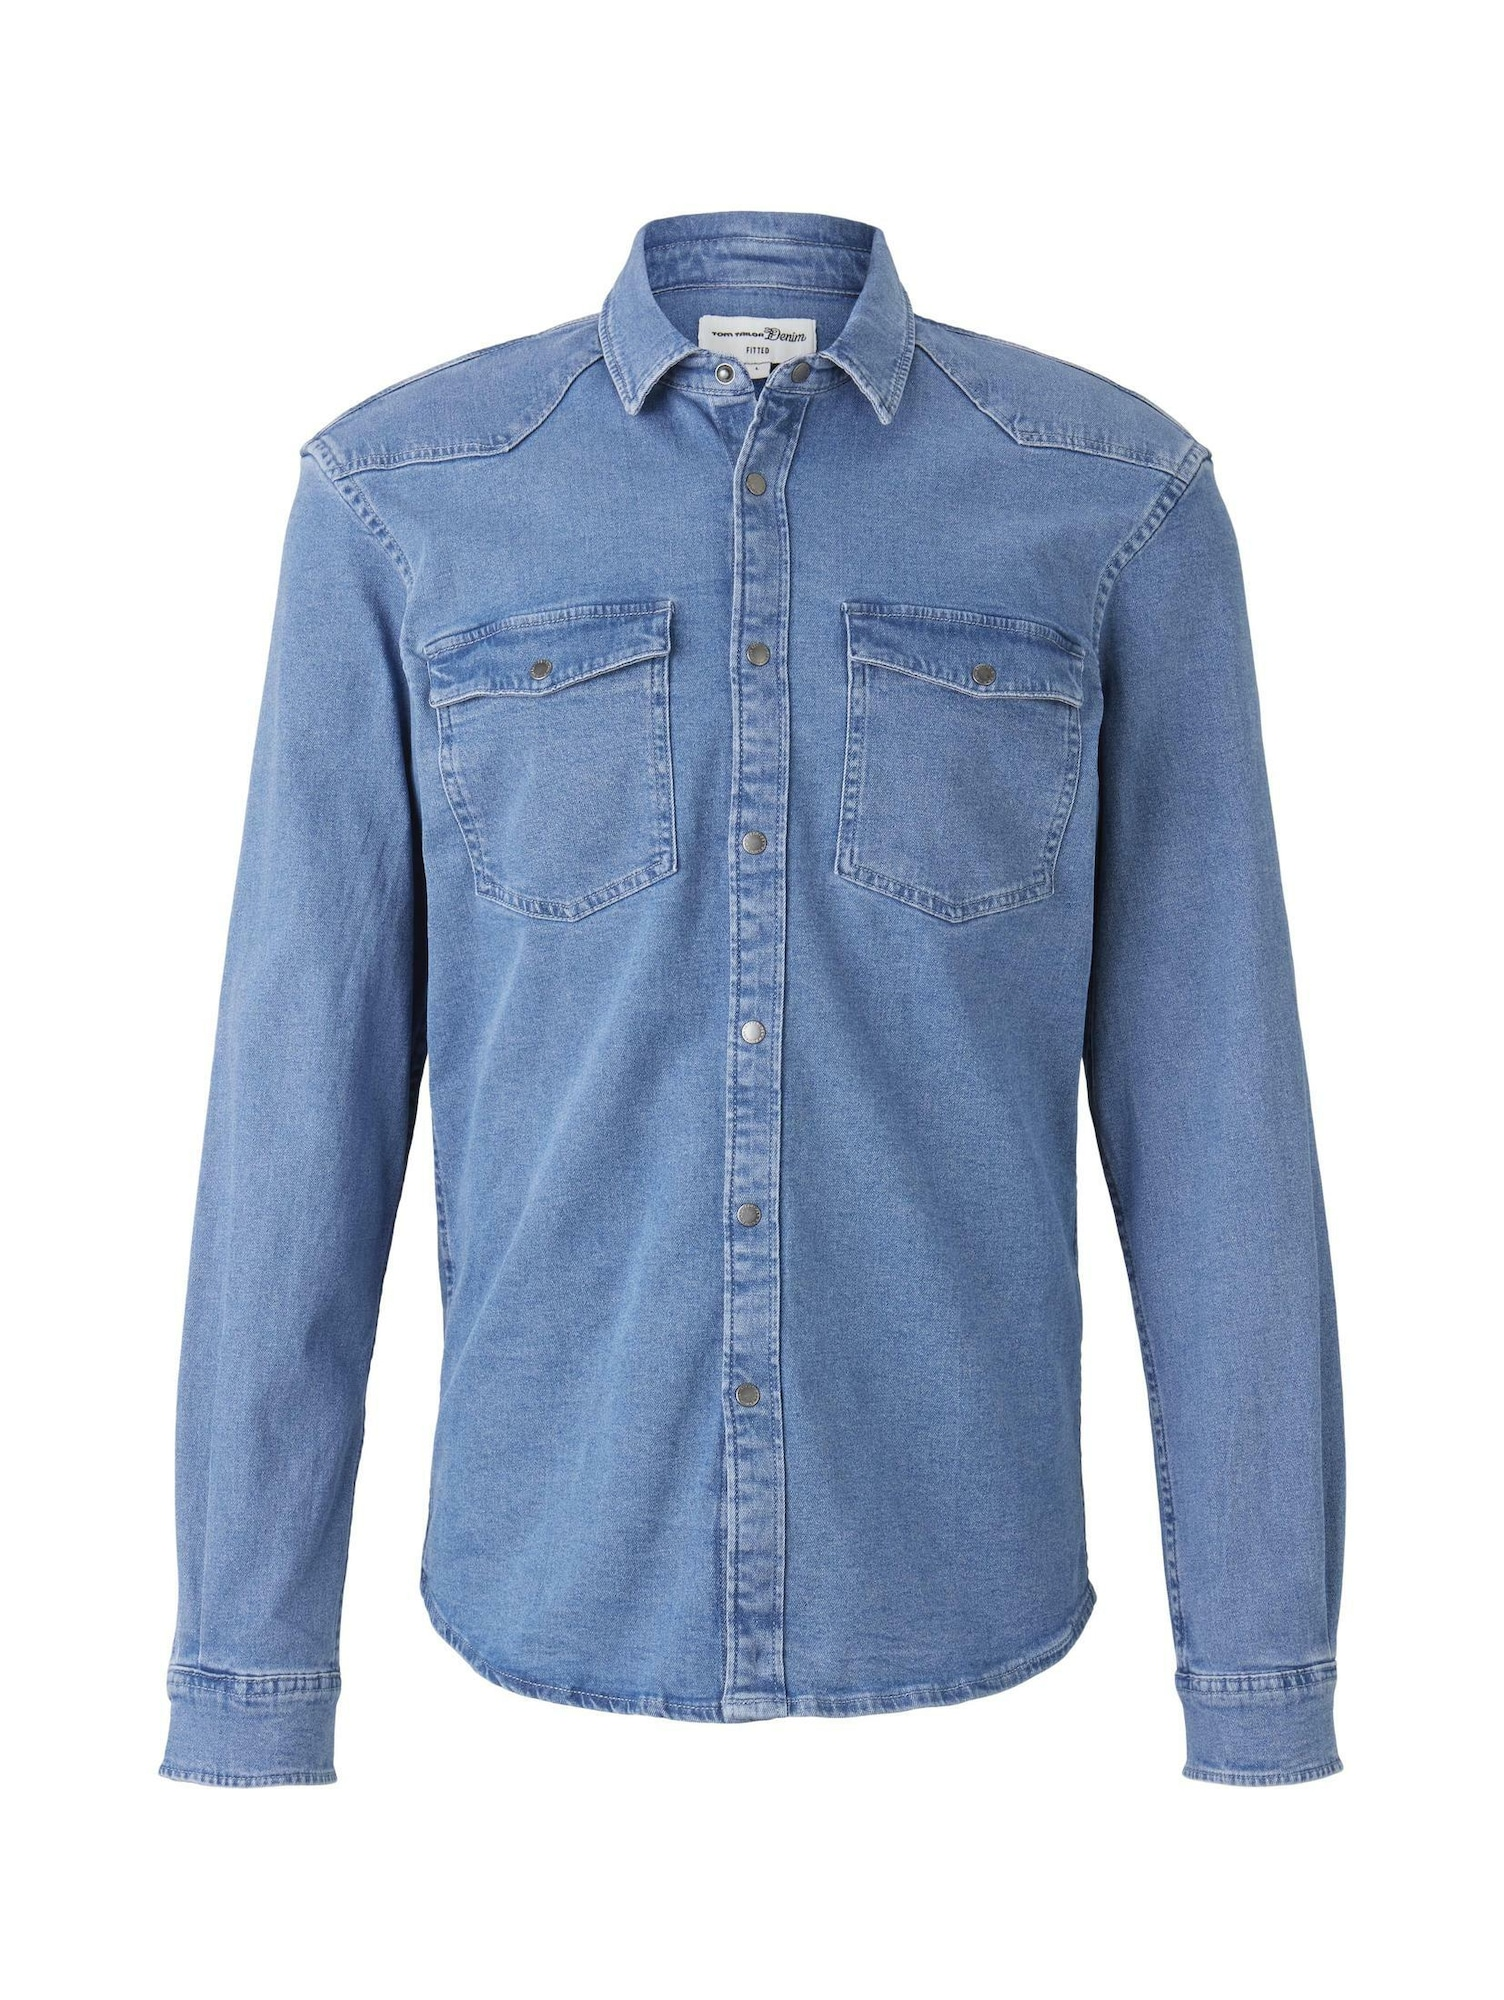 TOM TAILOR DENIM Dalykiniai marškiniai tamsiai (džinso) mėlyna